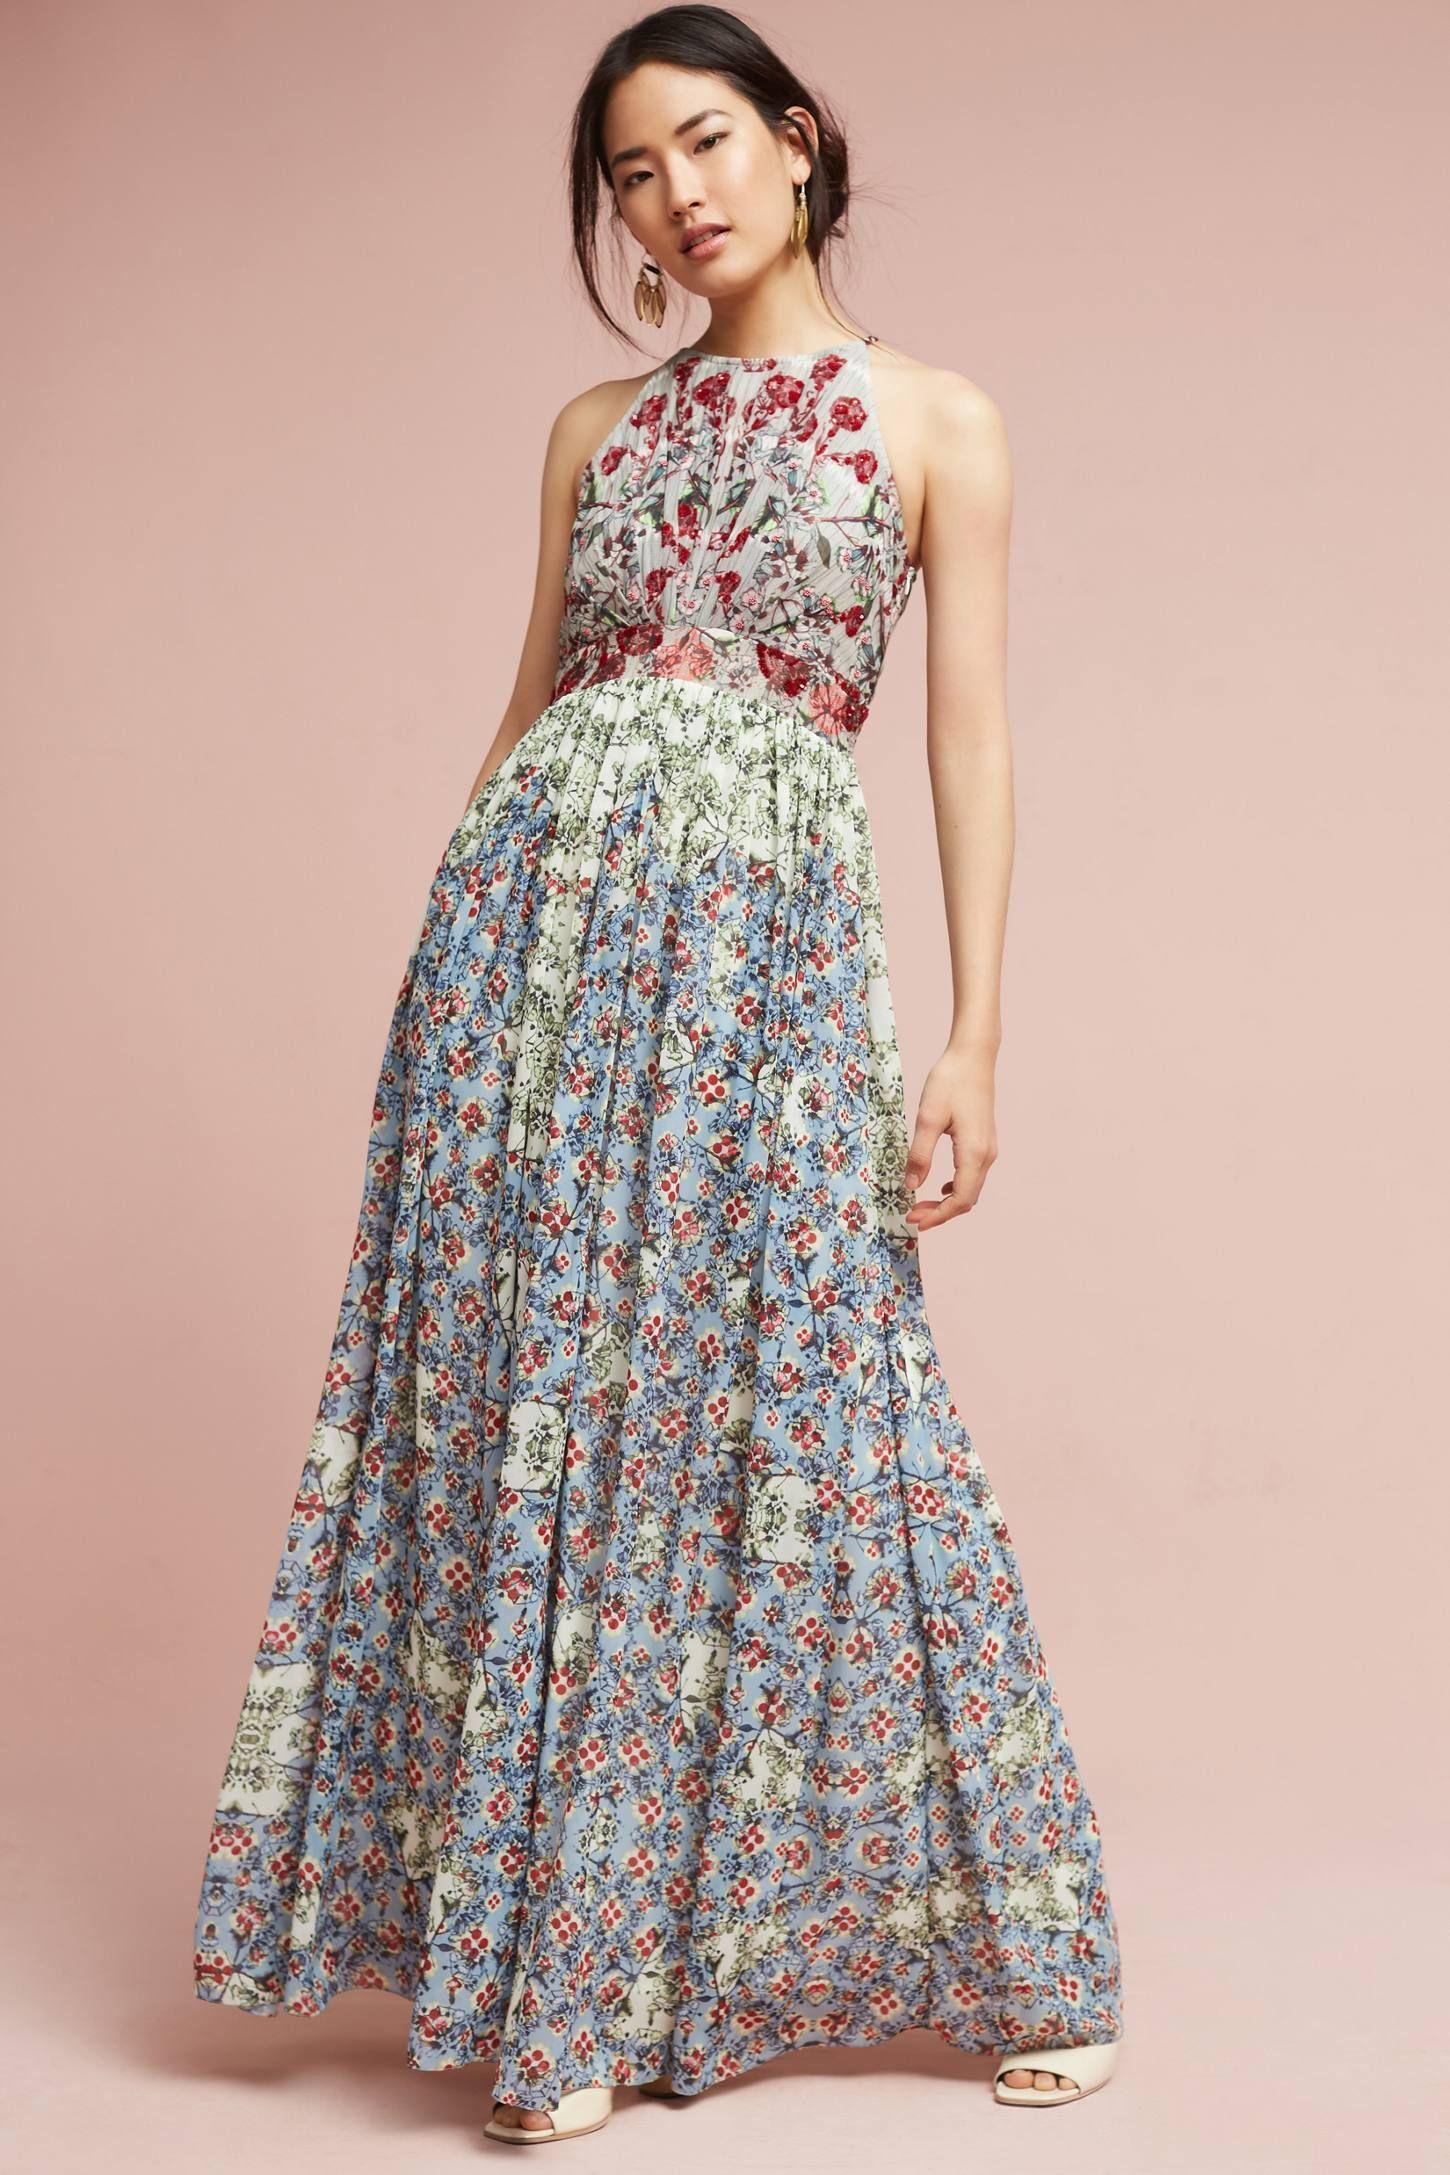 Adelise Beaded Halter Dress | Estilo